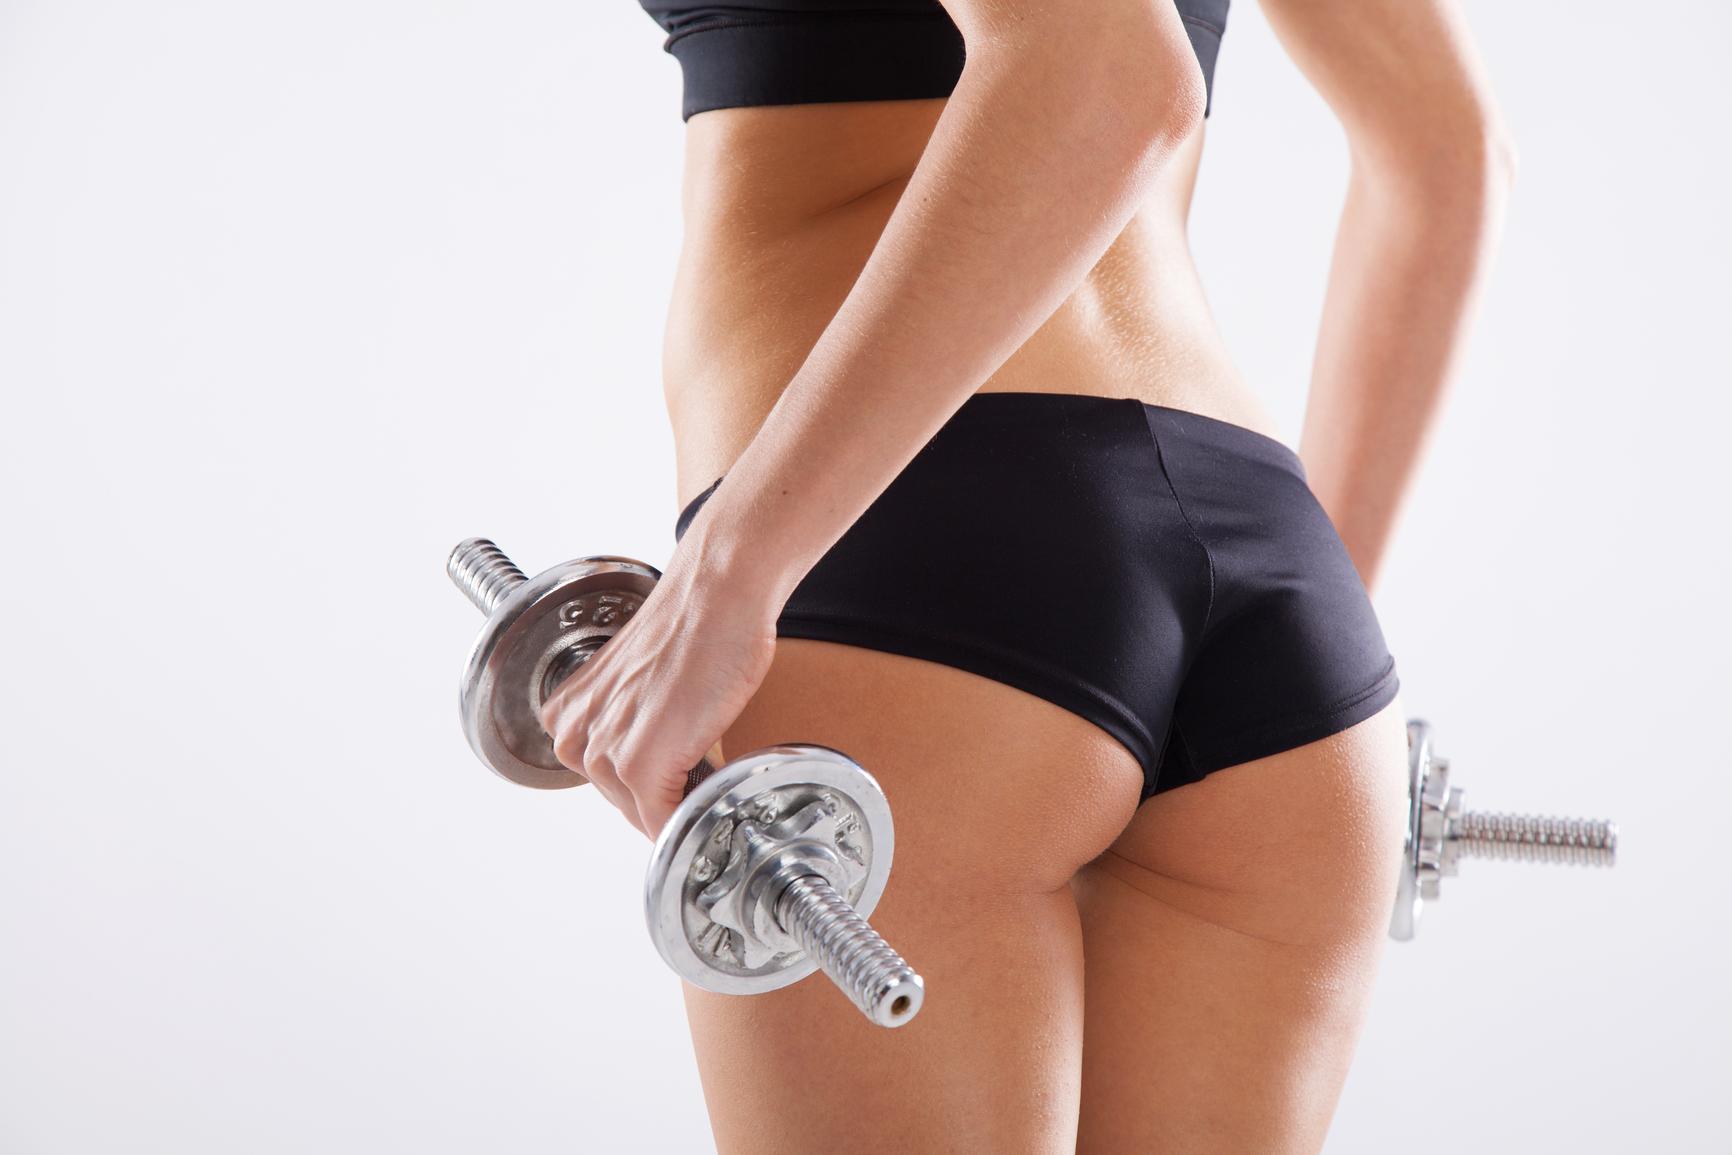 Бразильська фігура: 10 вправ від тренера, які допоможуть накачати сідничні м'язи